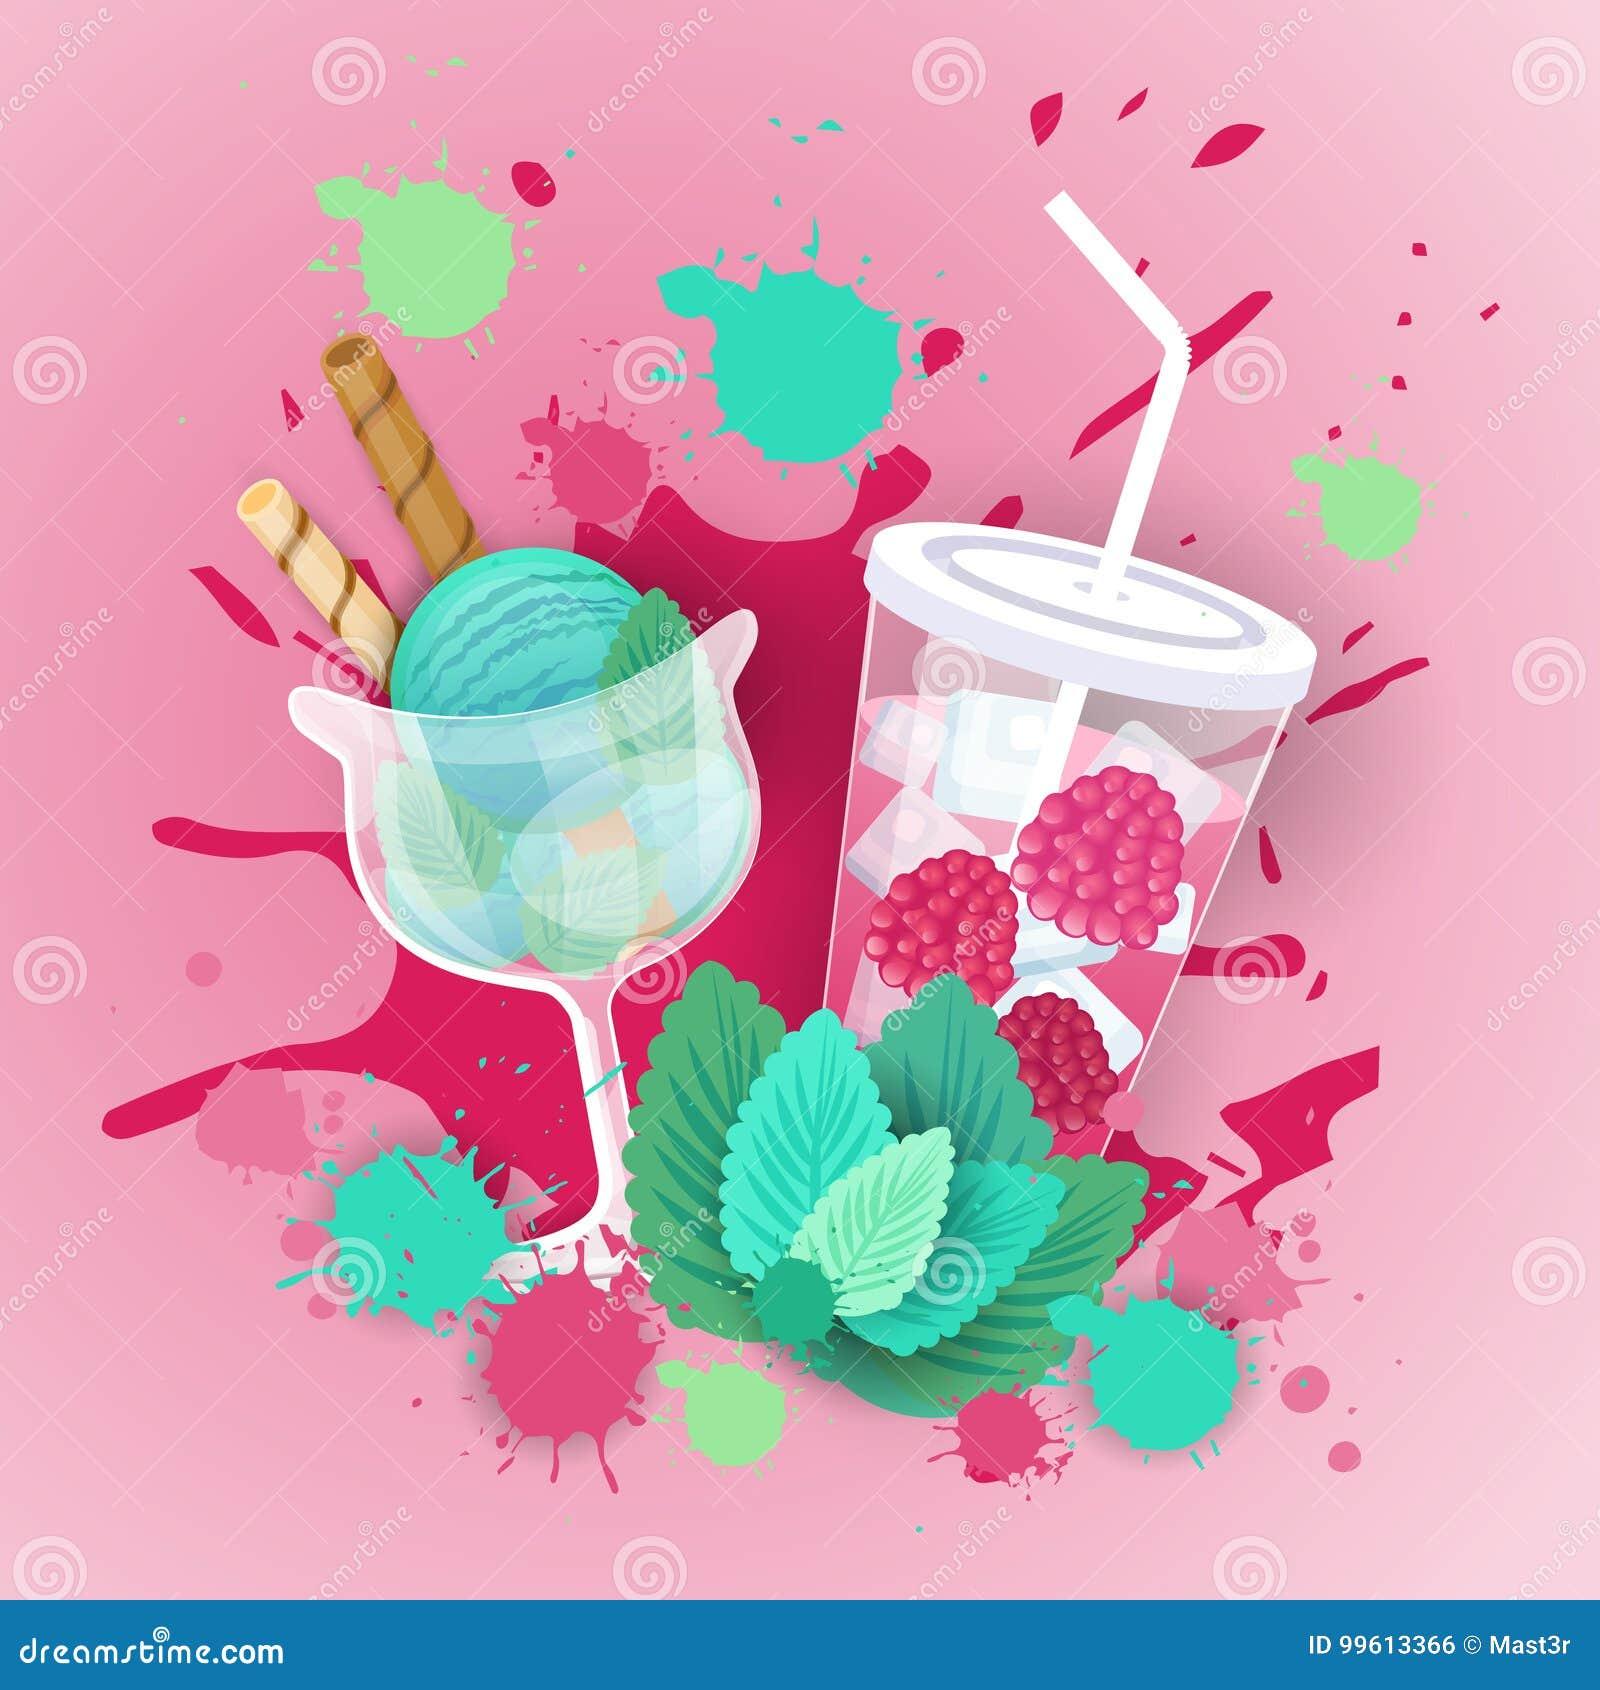 Φρέσκο παγωτό με κοκτέιλ λογότυπων το γλυκό όμορφο έμβλημα τροφίμων επιδορπίων εύγευστο